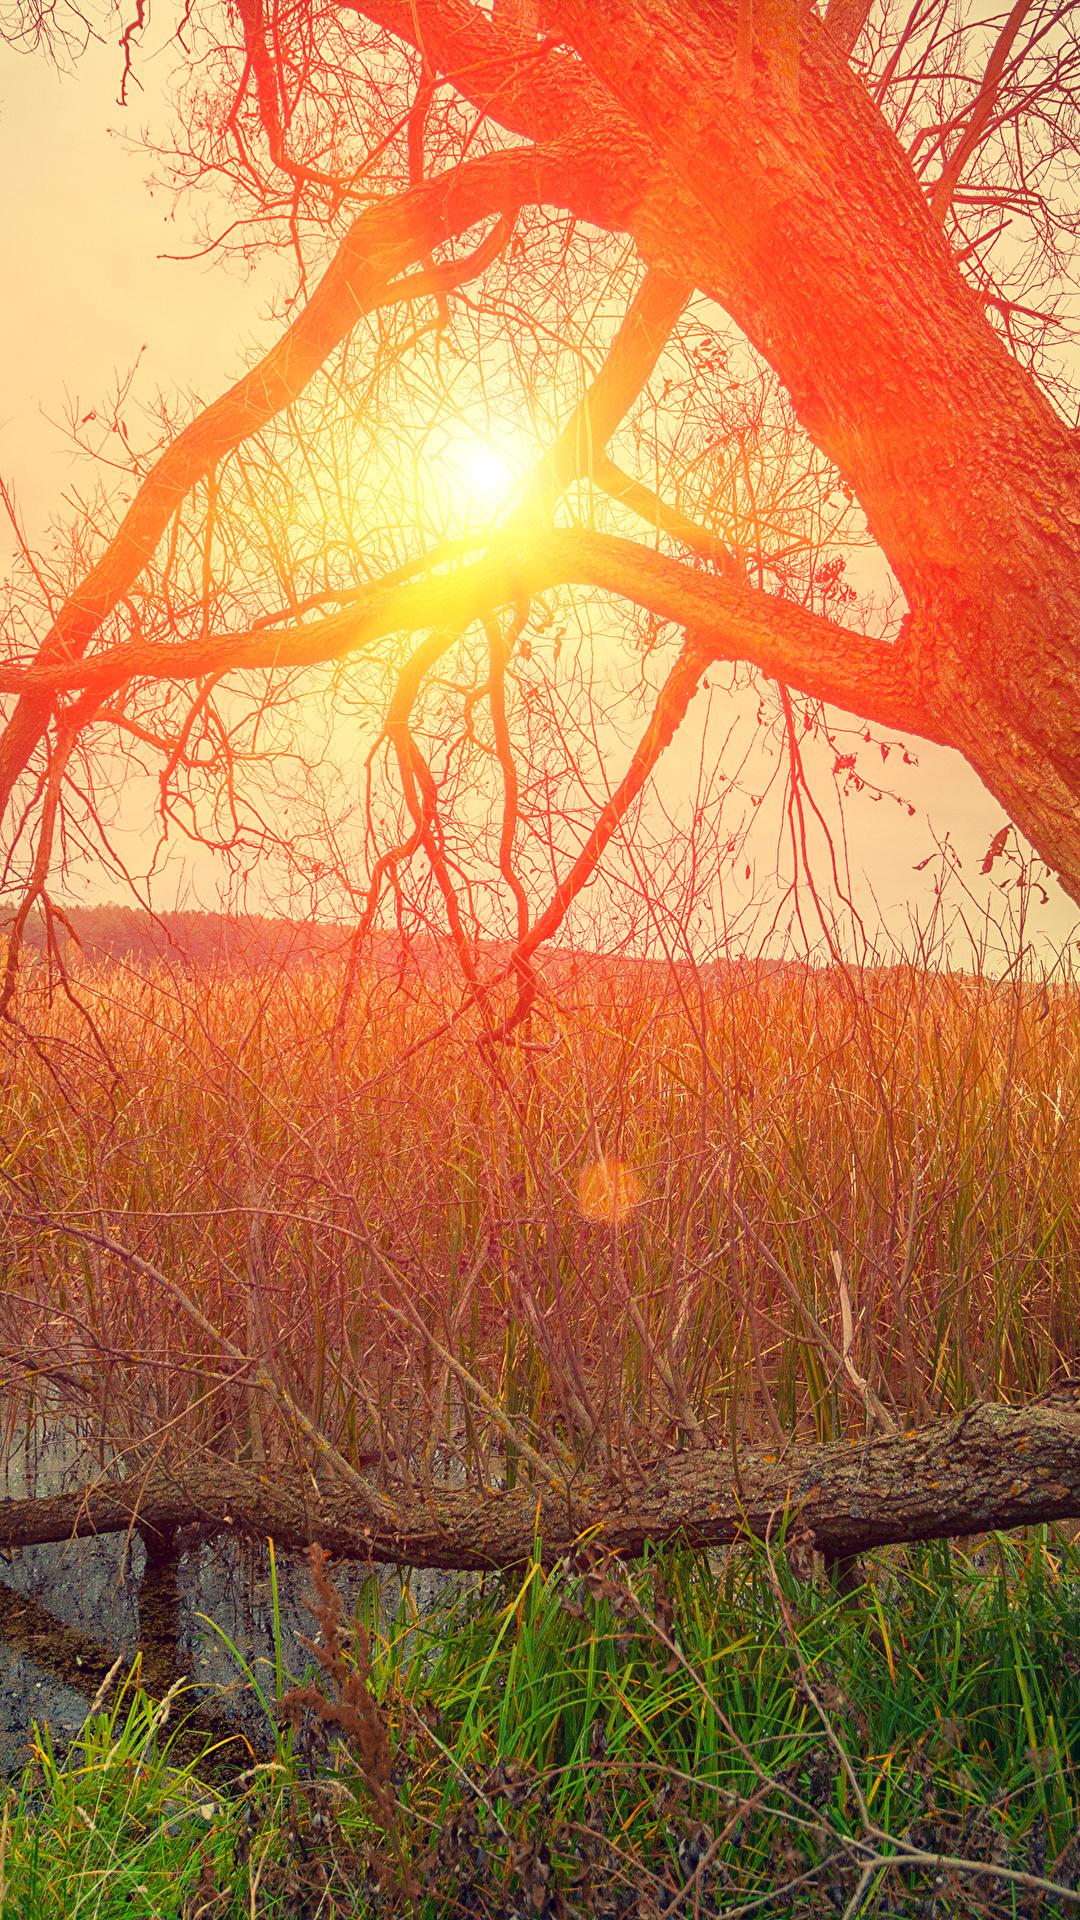 Hintergrundbilder Natur Sonne Sumpf Baumstamm Sonnenaufgänge und Sonnenuntergänge Gras 1080x1920